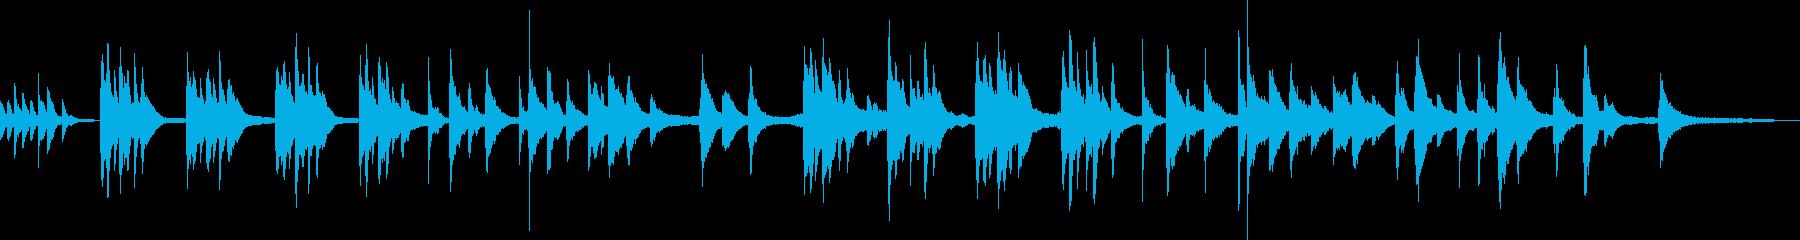 アートな雰囲気のピアノ曲の再生済みの波形